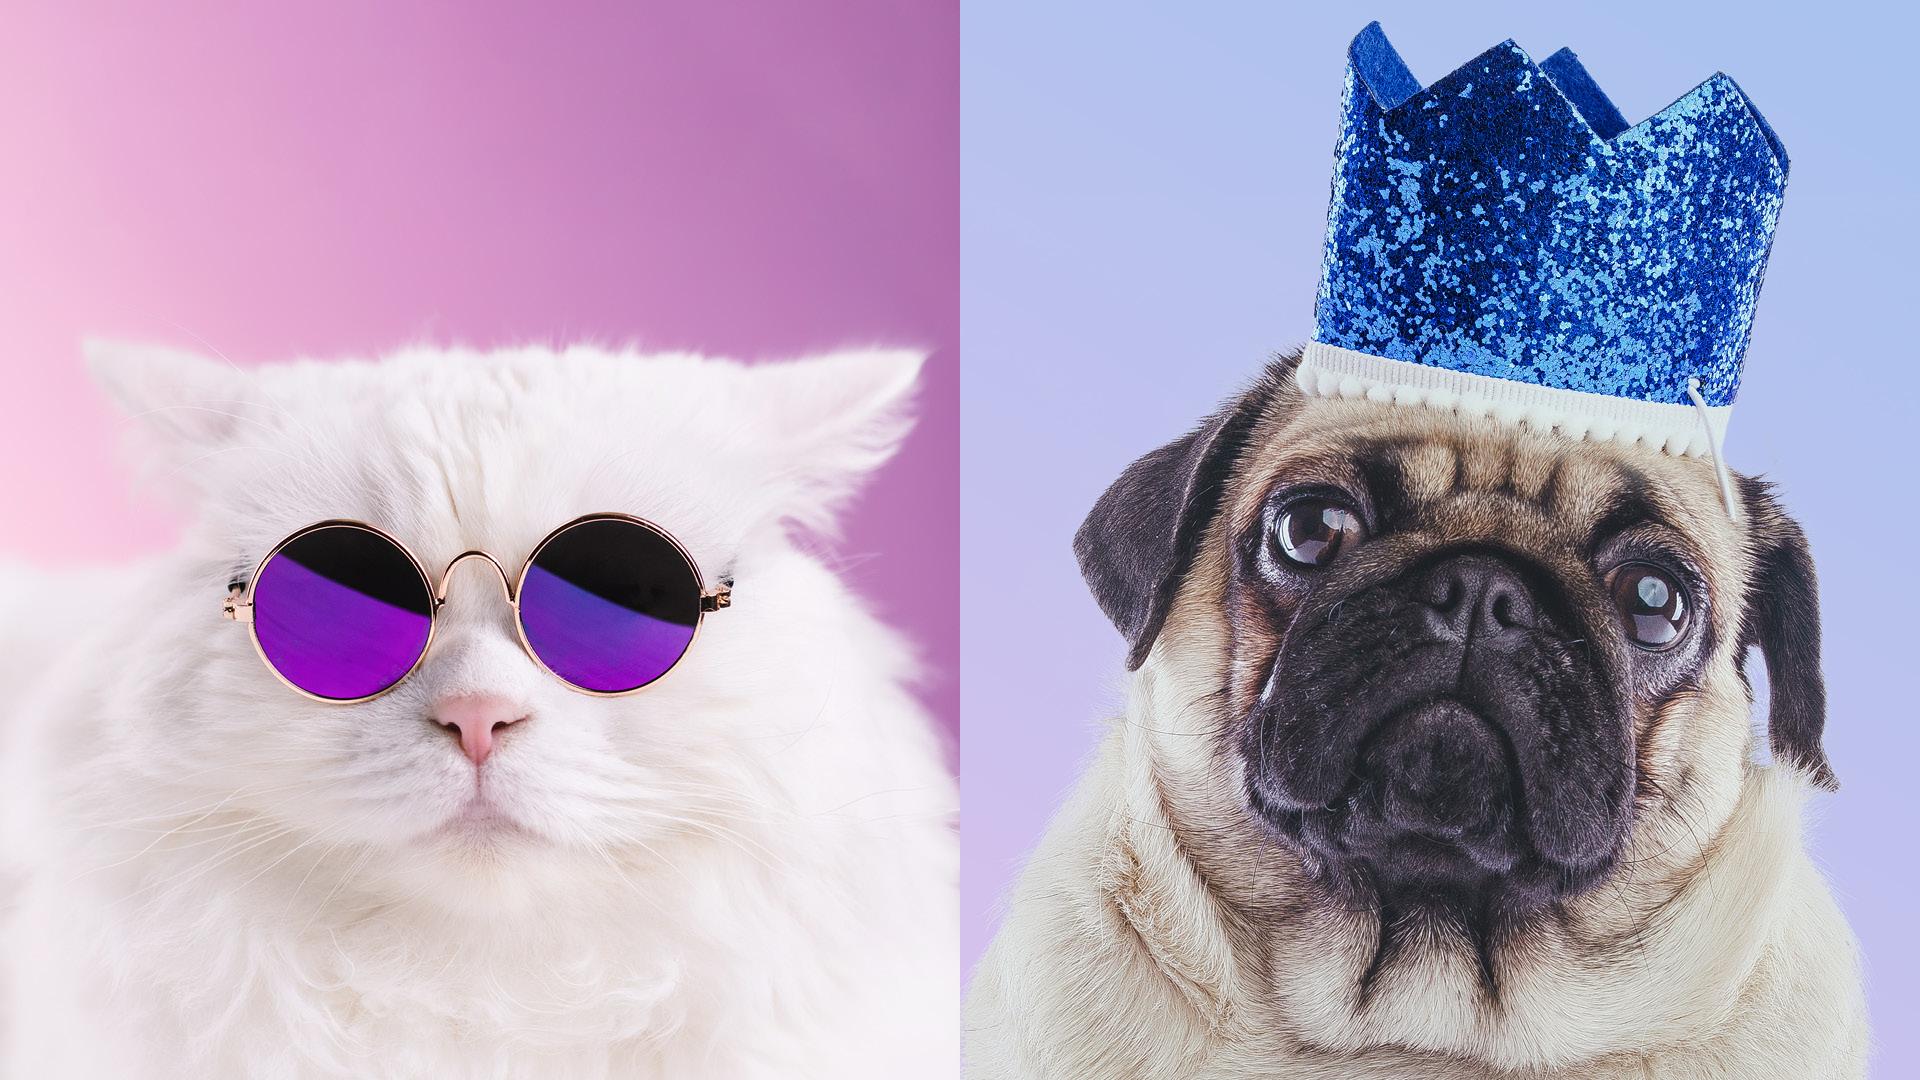 Weiße Katze mit Sonnenbrille und Hund/Mops mit Krone